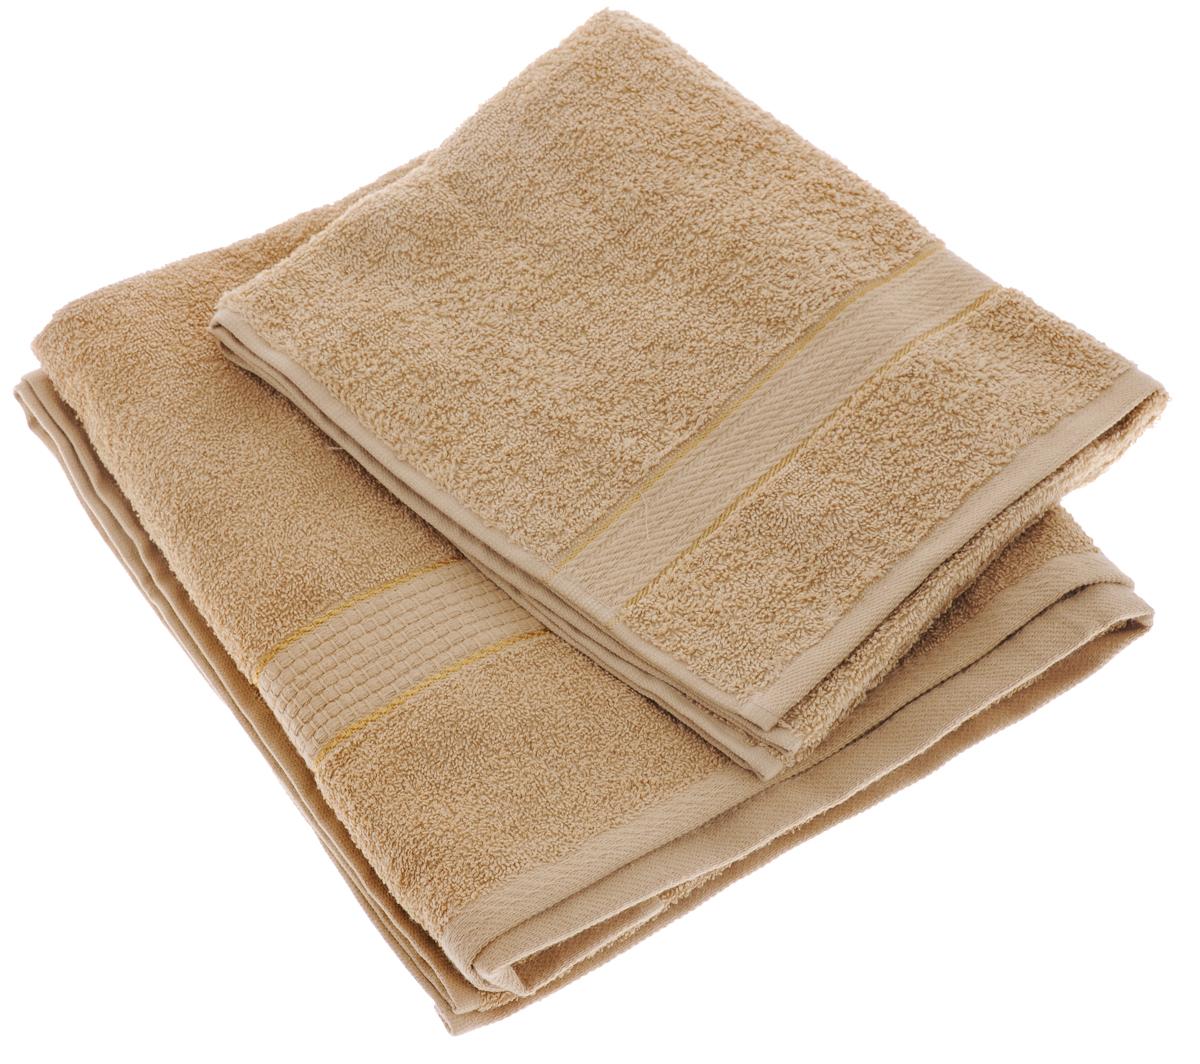 Набор махровых полотенец Aisha Home Textile, цвет: светло-коричневый, 2 шт. УзТ-НПМ-102УзТ-НПМ-102-23Набор Aisha Home Textile состоит из двух махровых полотенец разного размера. В состав входит только натуральное волокно - 100% хлопок. Лаконичные бордюры подойдут для любого интерьера ванной комнаты. Полотенца прекрасно впитывают влагу и быстро сохнут. При соблюдении рекомендаций по уходу не линяют и не теряют форму даже после многократных стирок.Комплектация: 2 шт.